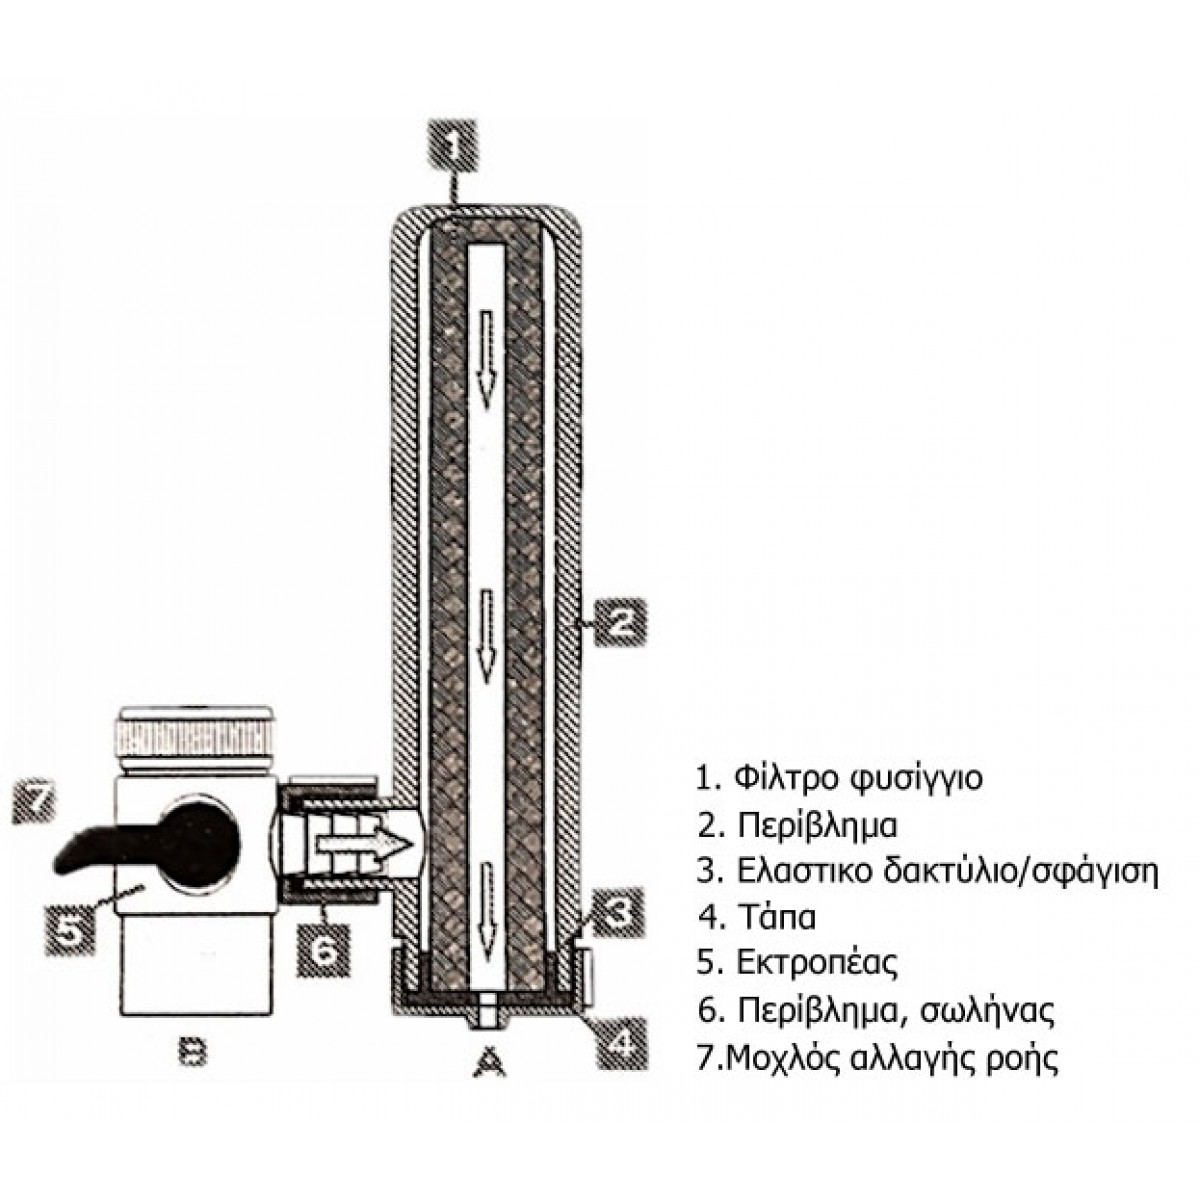 Cấu tạo của máy lọc tại vòi Geyser Euro